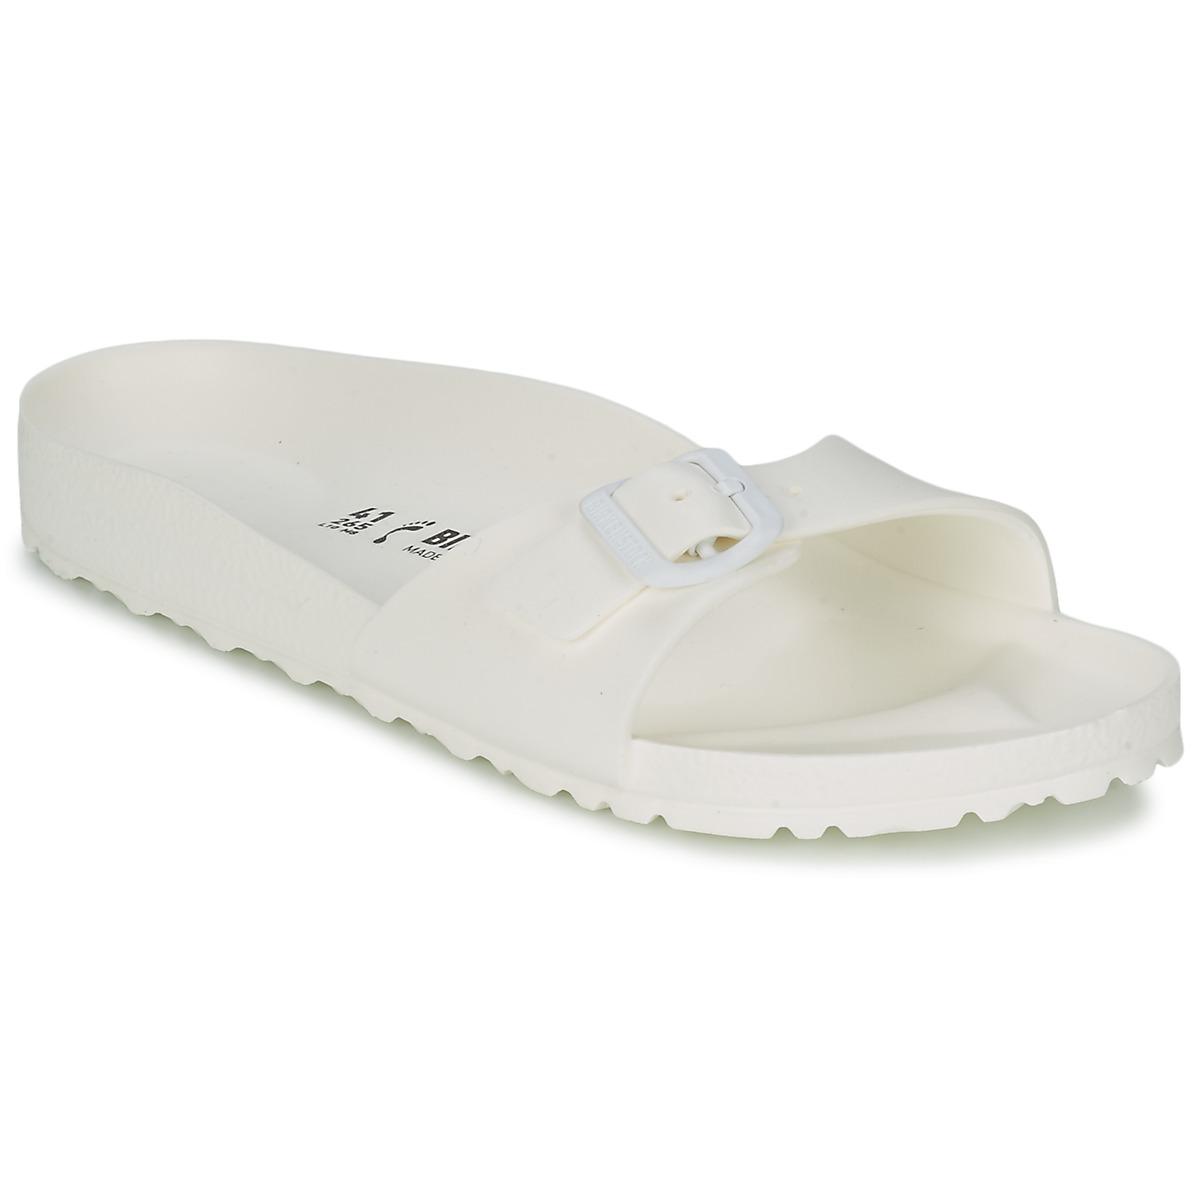 Birkenstock MADRID EVA Weiss - Kostenloser Versand bei Spartoode ! - Schuhe Pantoffel Damen 24,49 €